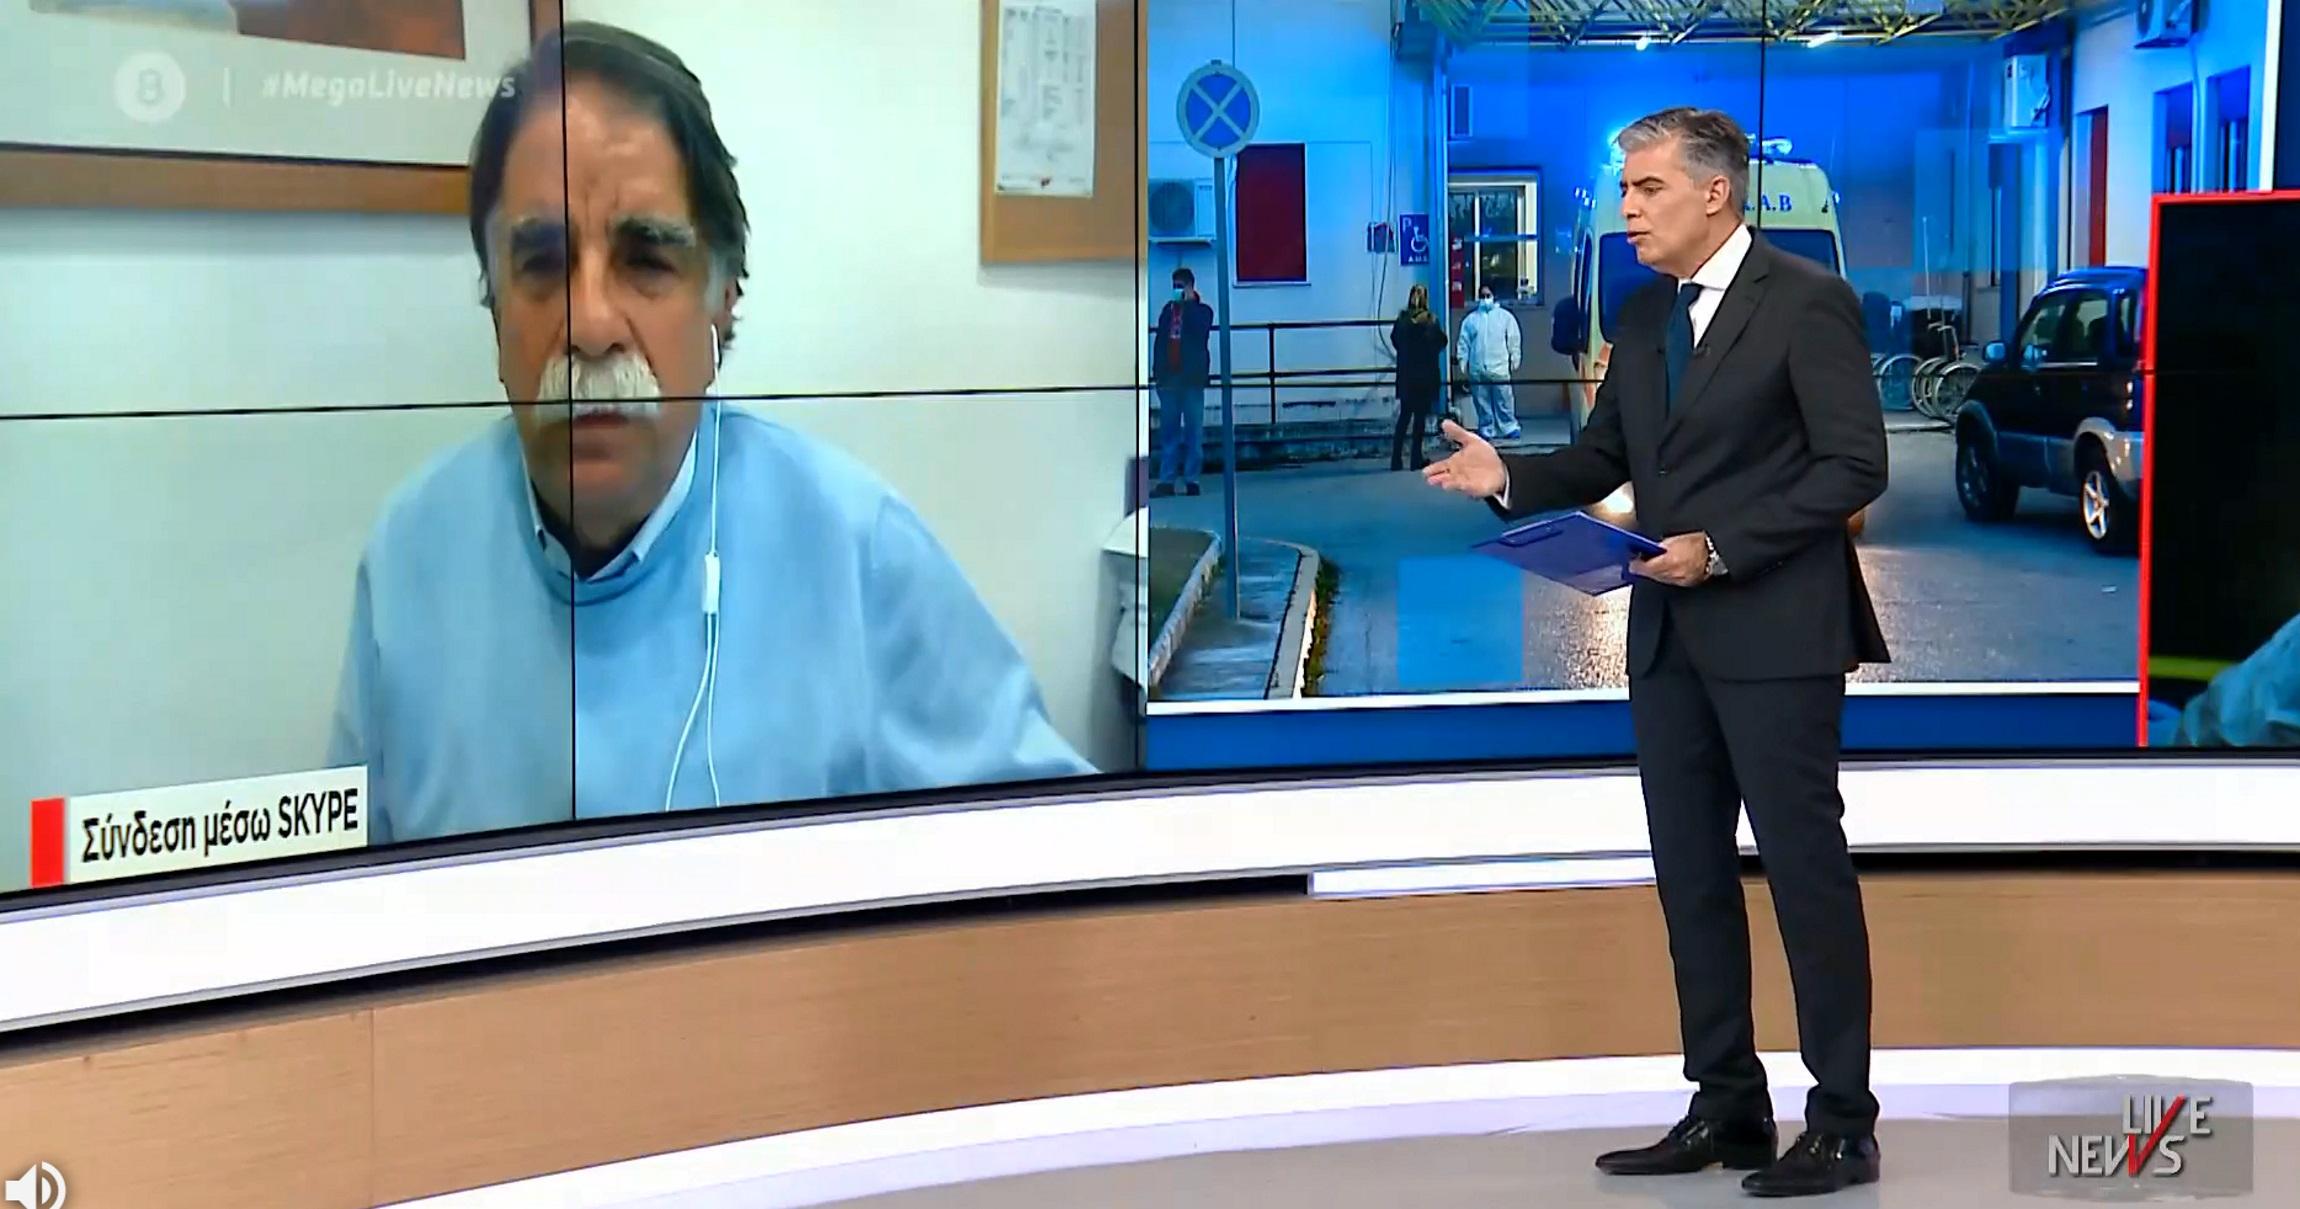 Βατόπουλος στο Live News: Είμαστε σε οριακή κατάσταση – Να μην αυξηθεί η κινητικότητα